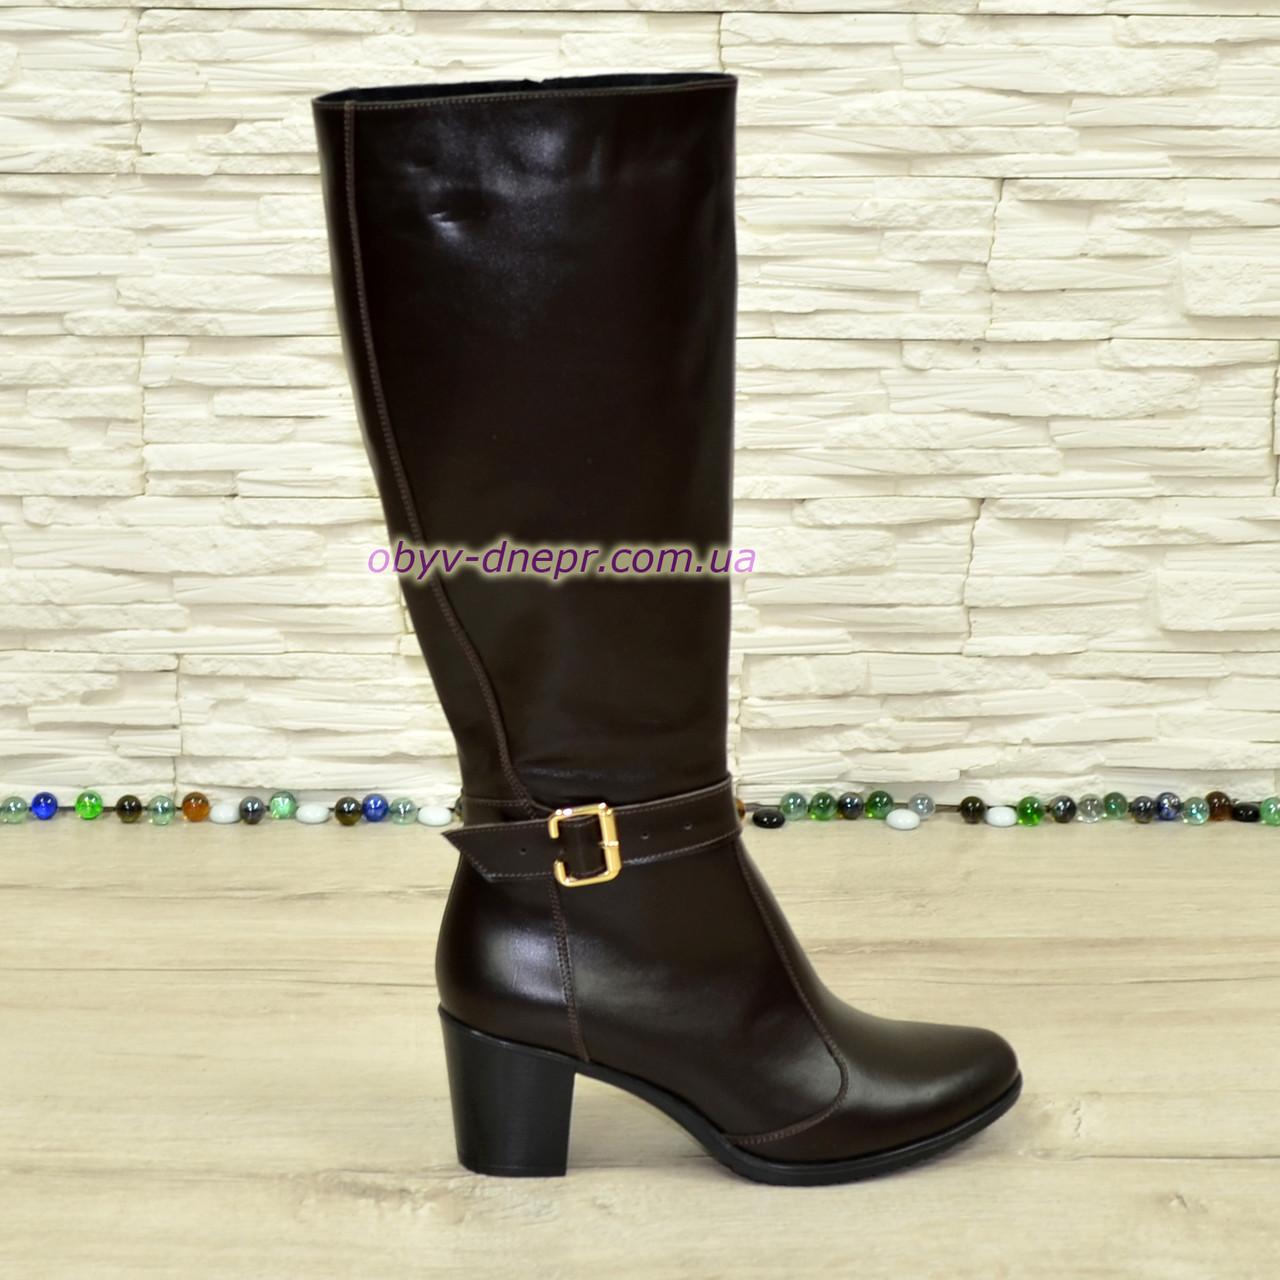 Сапоги женские демисезонные на устойчивом каблуке,коричневая кожа. Хит продаж!